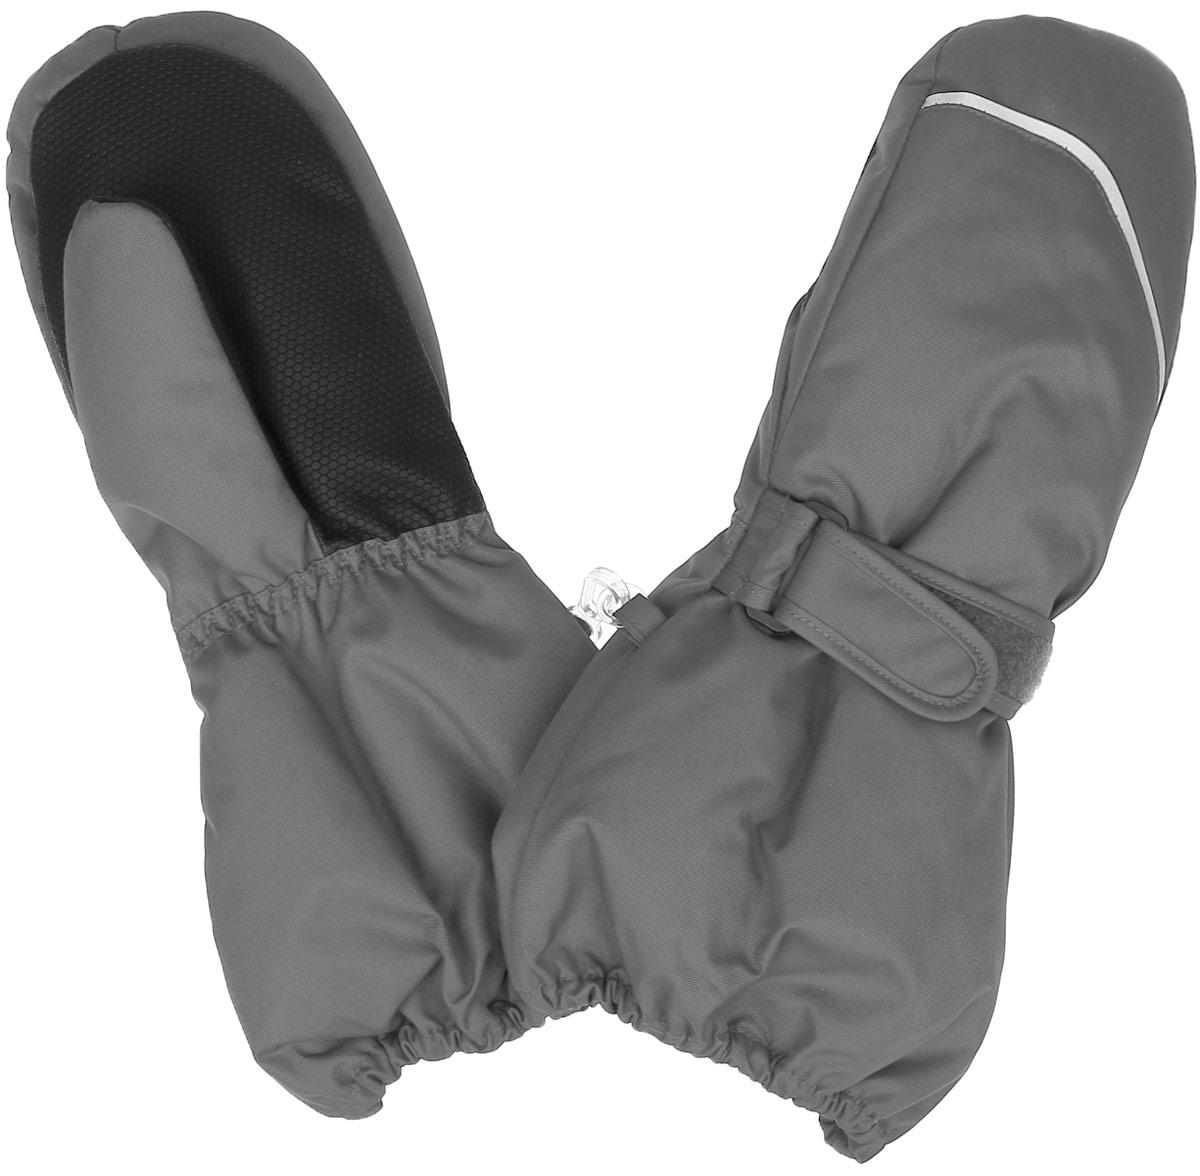 527256_4900Теплые варежки Reima Tomino с высокой степенью утепления, идеально подойдут для прогулок и игр на свежем воздухе! Варежки изготовлены из водонепроницаемой и ветрозащитной мембранной ткани, утеплитель Reima Comfort - 80 г/м.кв. Благодаря специальной обработке полиуретаном поверхность изделия отталкивает грязь и воду, что облегчает поддержание аккуратного вида. Дышащий материал хорошо пропускает воздух, обеспечивая комфорт при носке. Варежки на теплой подкладке, дополнены длинными широкими манжетами, а также эластичной резинкой на запястье и по краю изделия. С внешней стороны варежки дополнены хлястиками на липучках. Предусмотрены светоотражающие вставки для безопасности в темное время суток. Оригинальный дизайн и модная расцветка делают эти варежки модным и стильным предметом детского гардероба. В них ваш ребенок будет чувствовать себя уютно и комфортно и всегда будет в центре внимания! Температурный режим от 0С до -25С